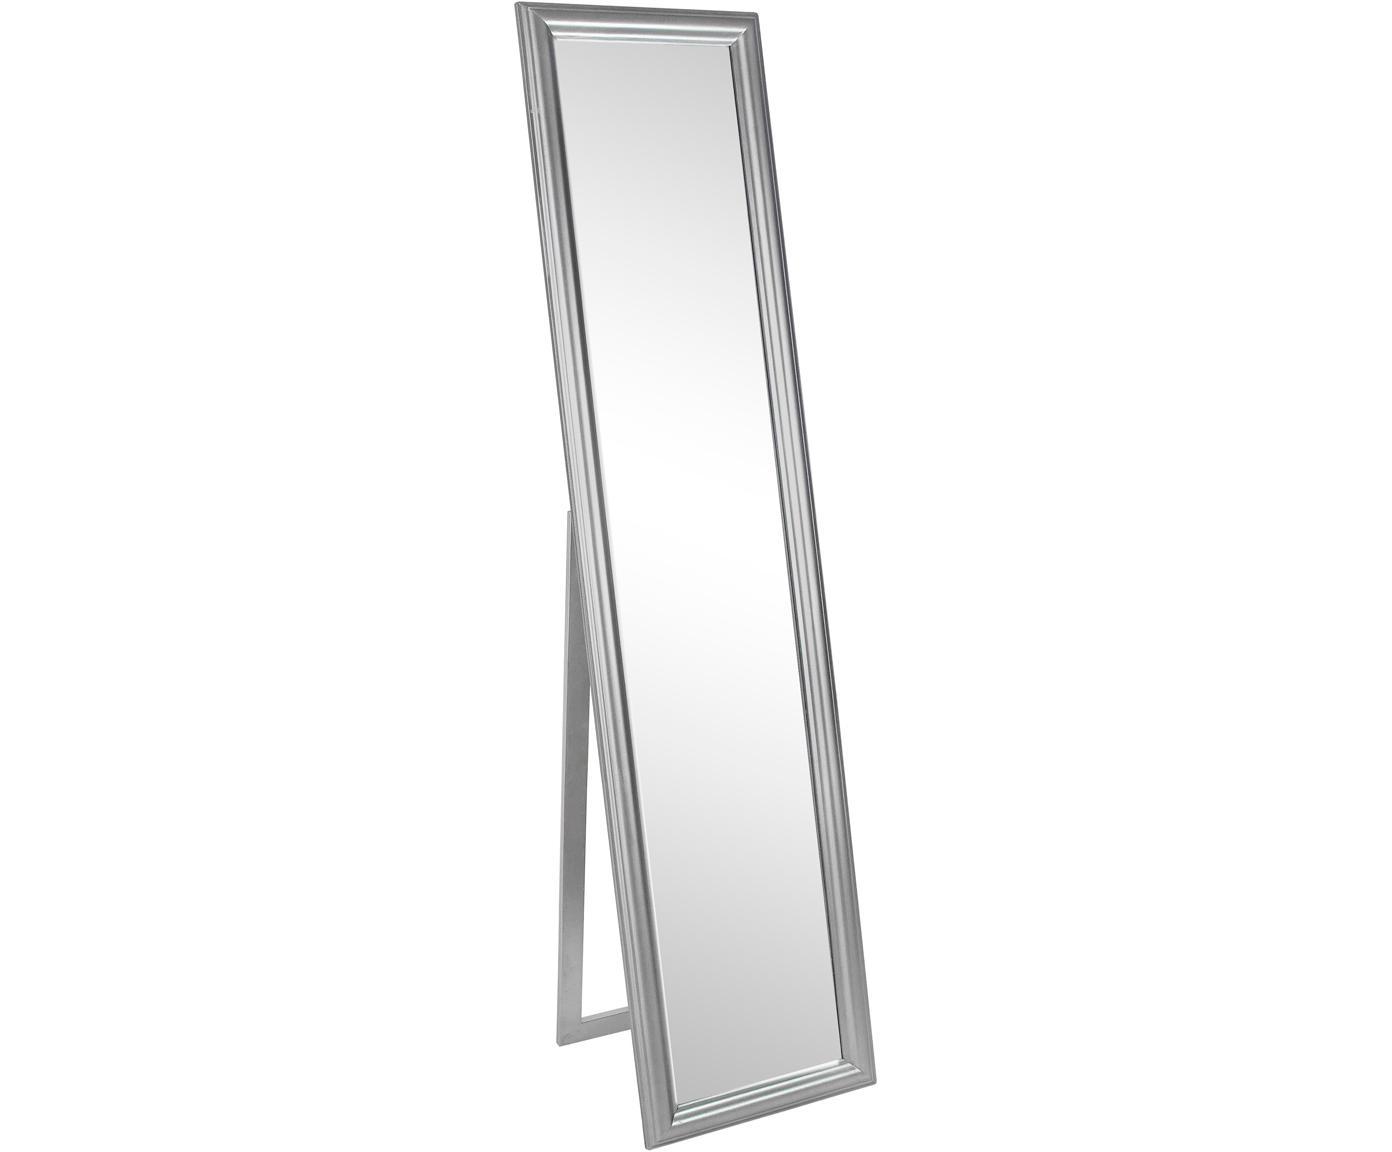 Specchio da terra con cornice in legno argentato Sanzio, Cornice: legno, rivestito, Superficie dello specchio: lastra di vetro, Argentato, Larg. 40 x Alt. 170 cm